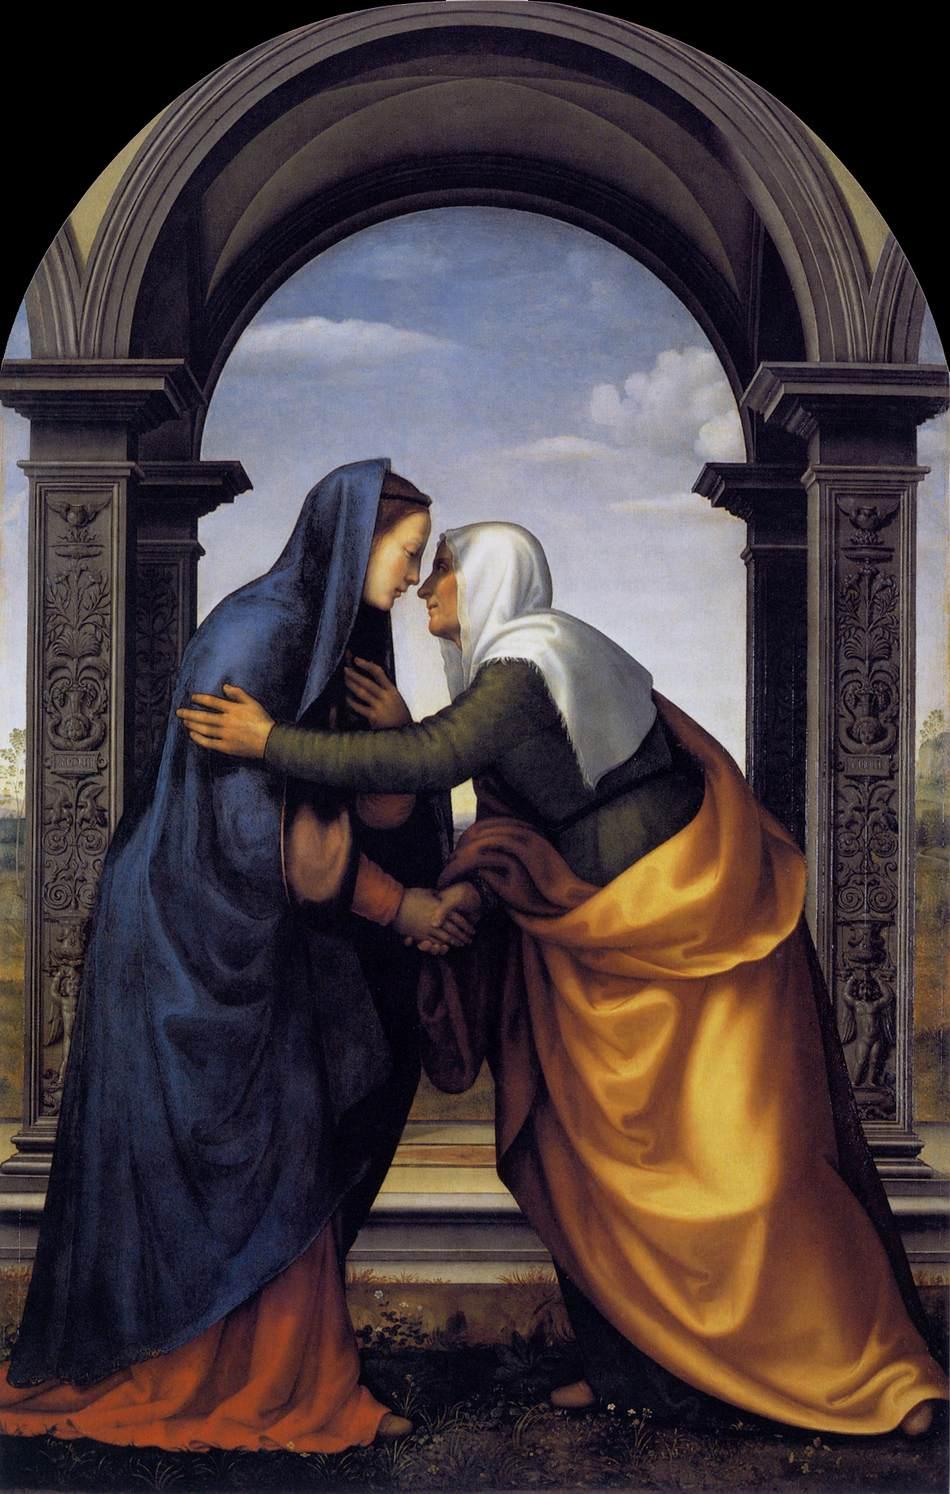 [PRIERE] Prier avec le Frère Charles De Foucauld - Page 2 24726